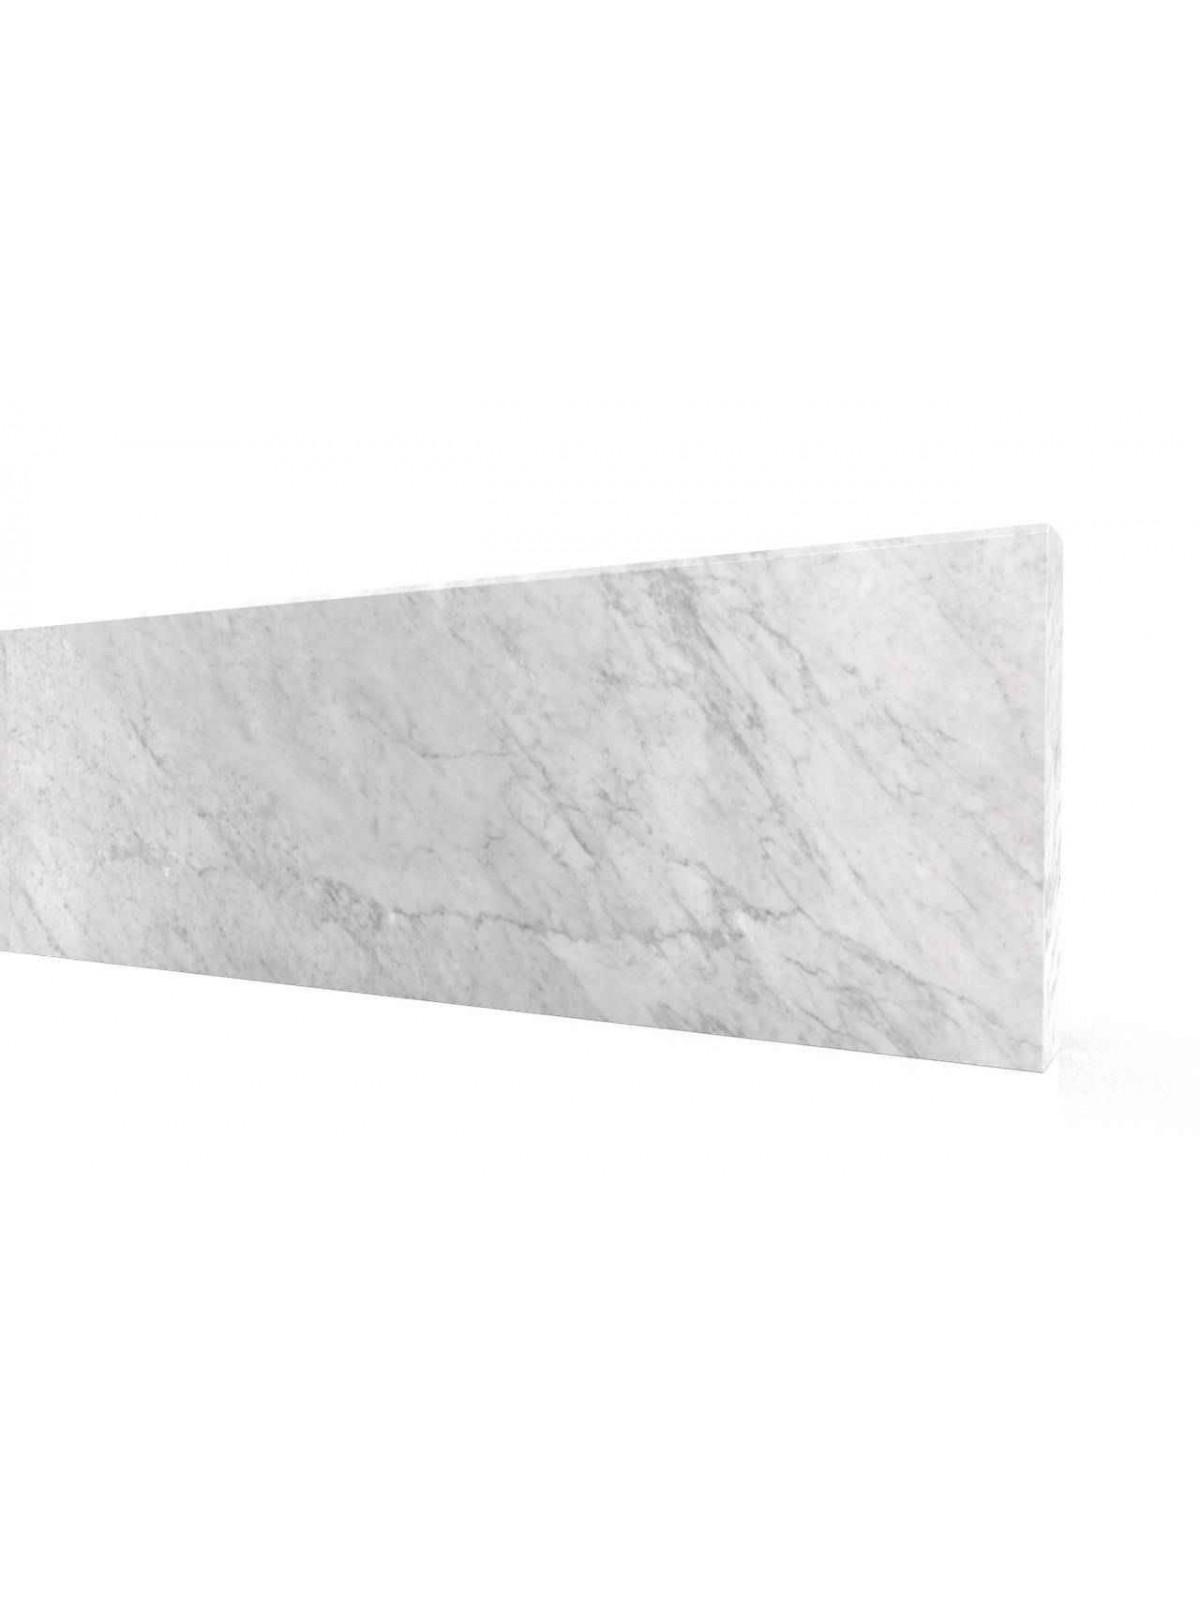 Aufsatz Treppensteig aus Carrara weiße